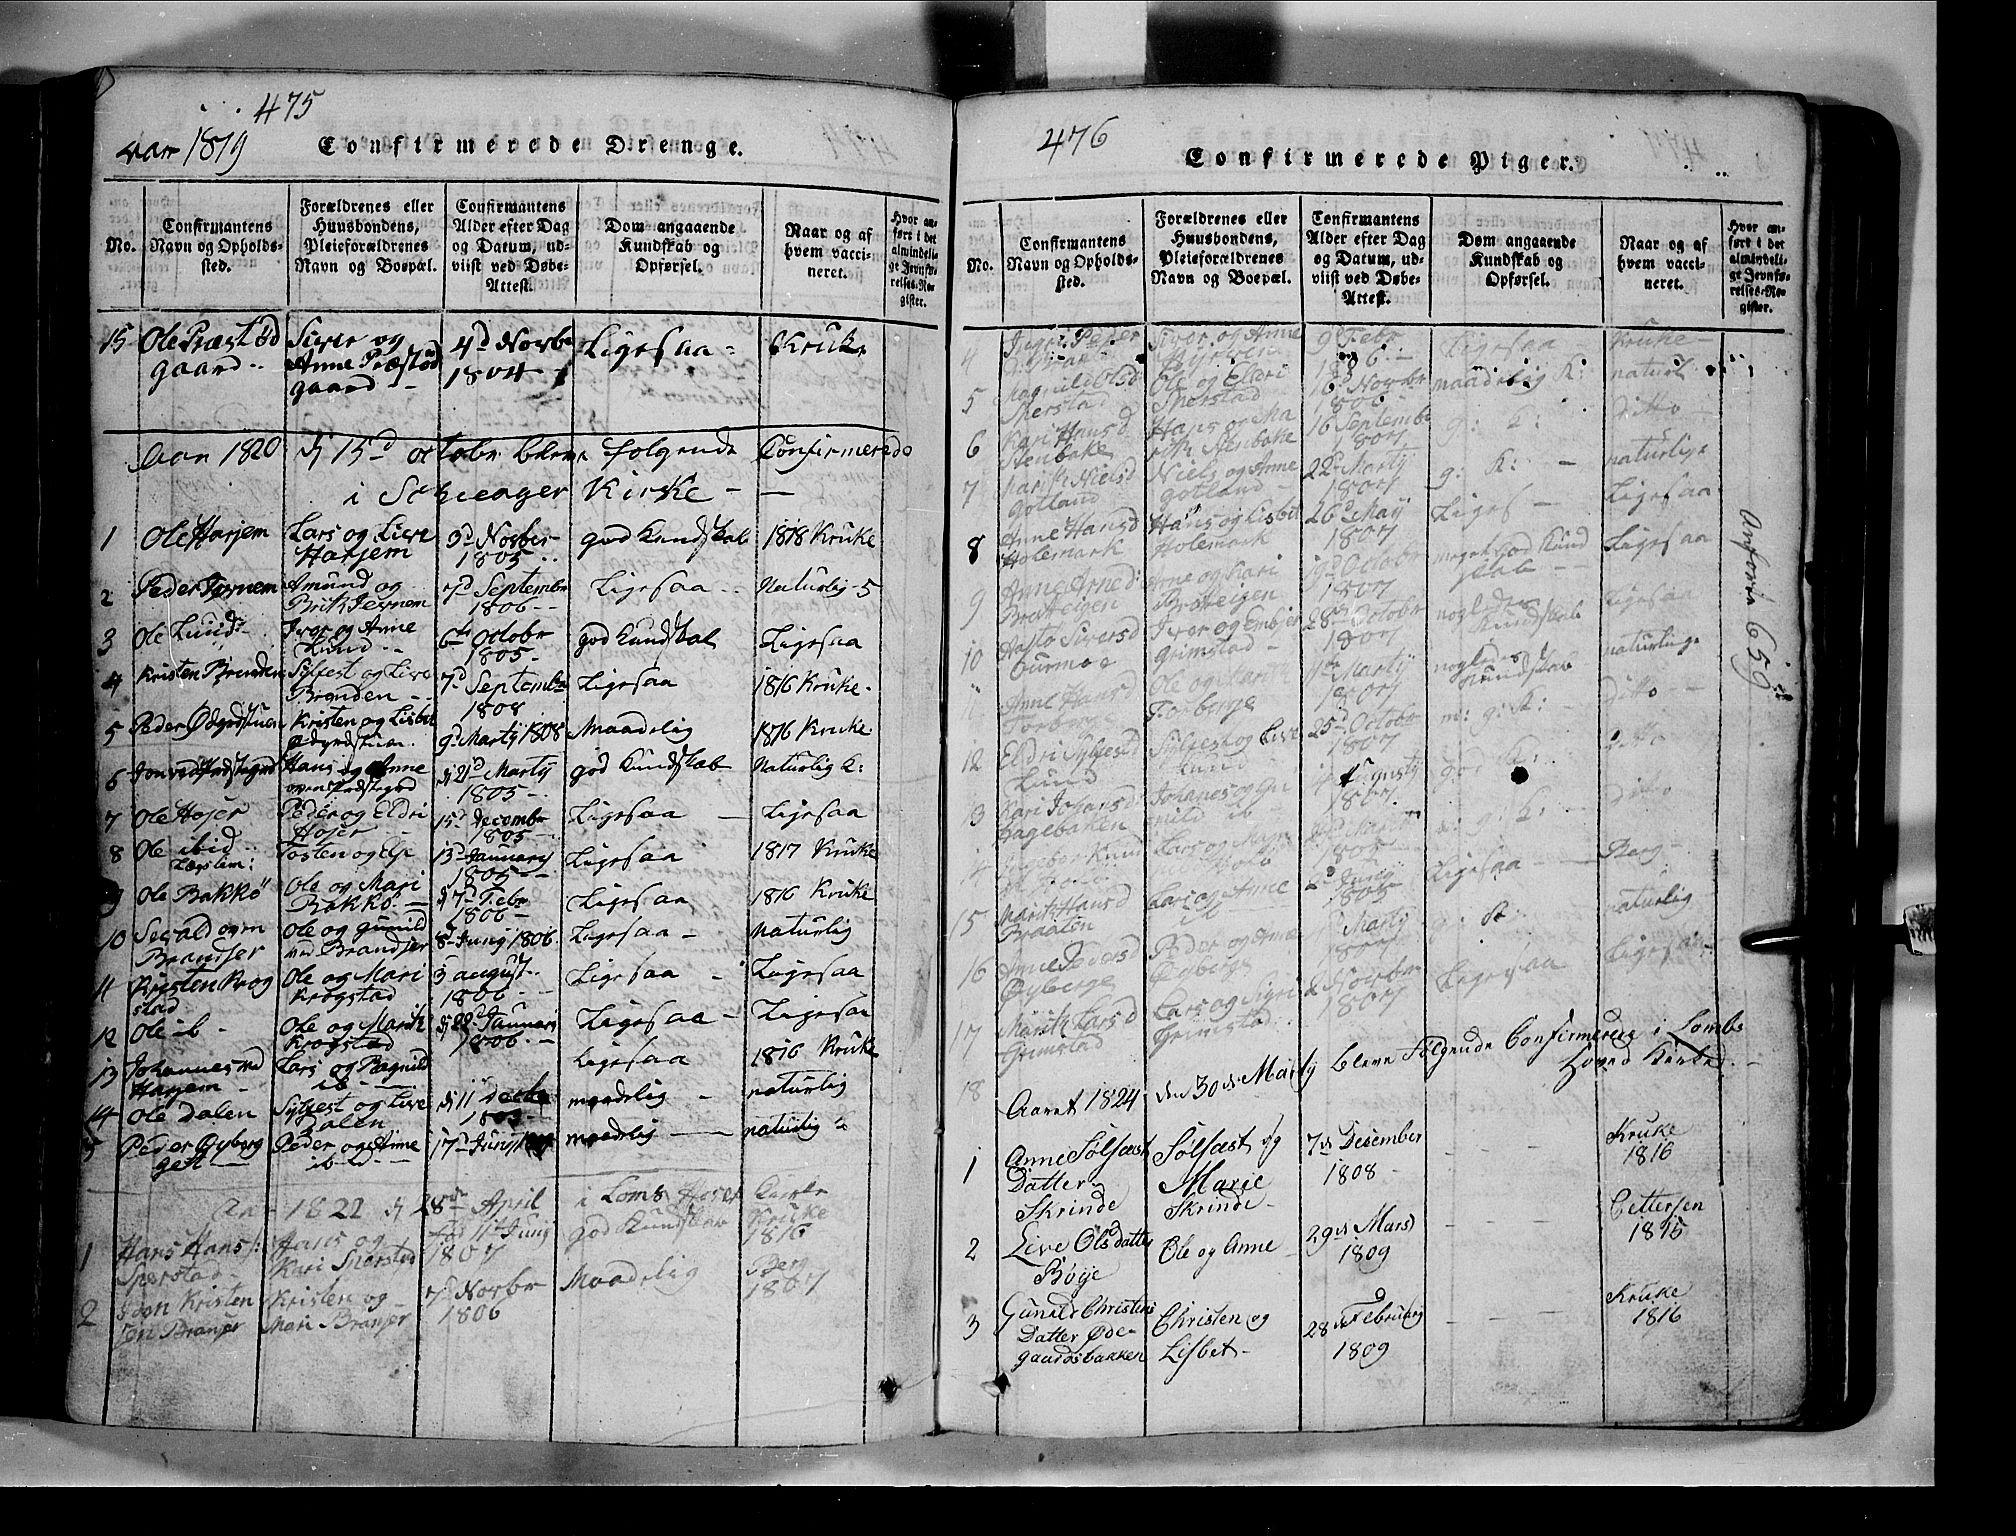 SAH, Lom prestekontor, L/L0003: Klokkerbok nr. 3, 1815-1844, s. 475-476